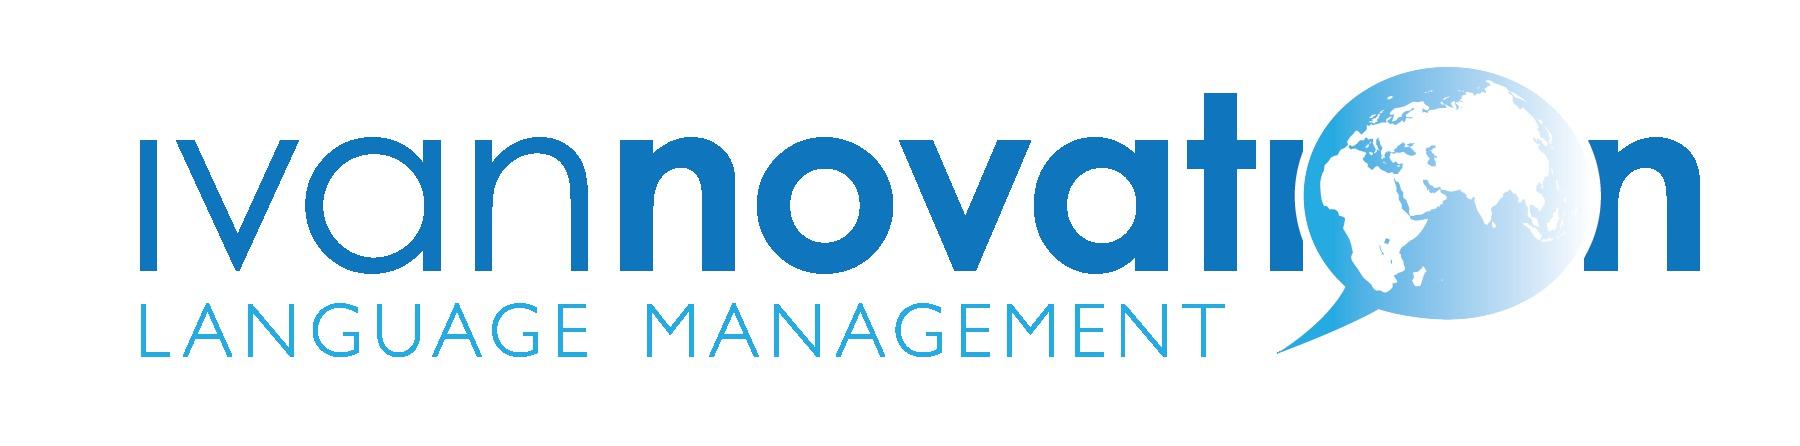 IVANNOVATION Language Management Logo